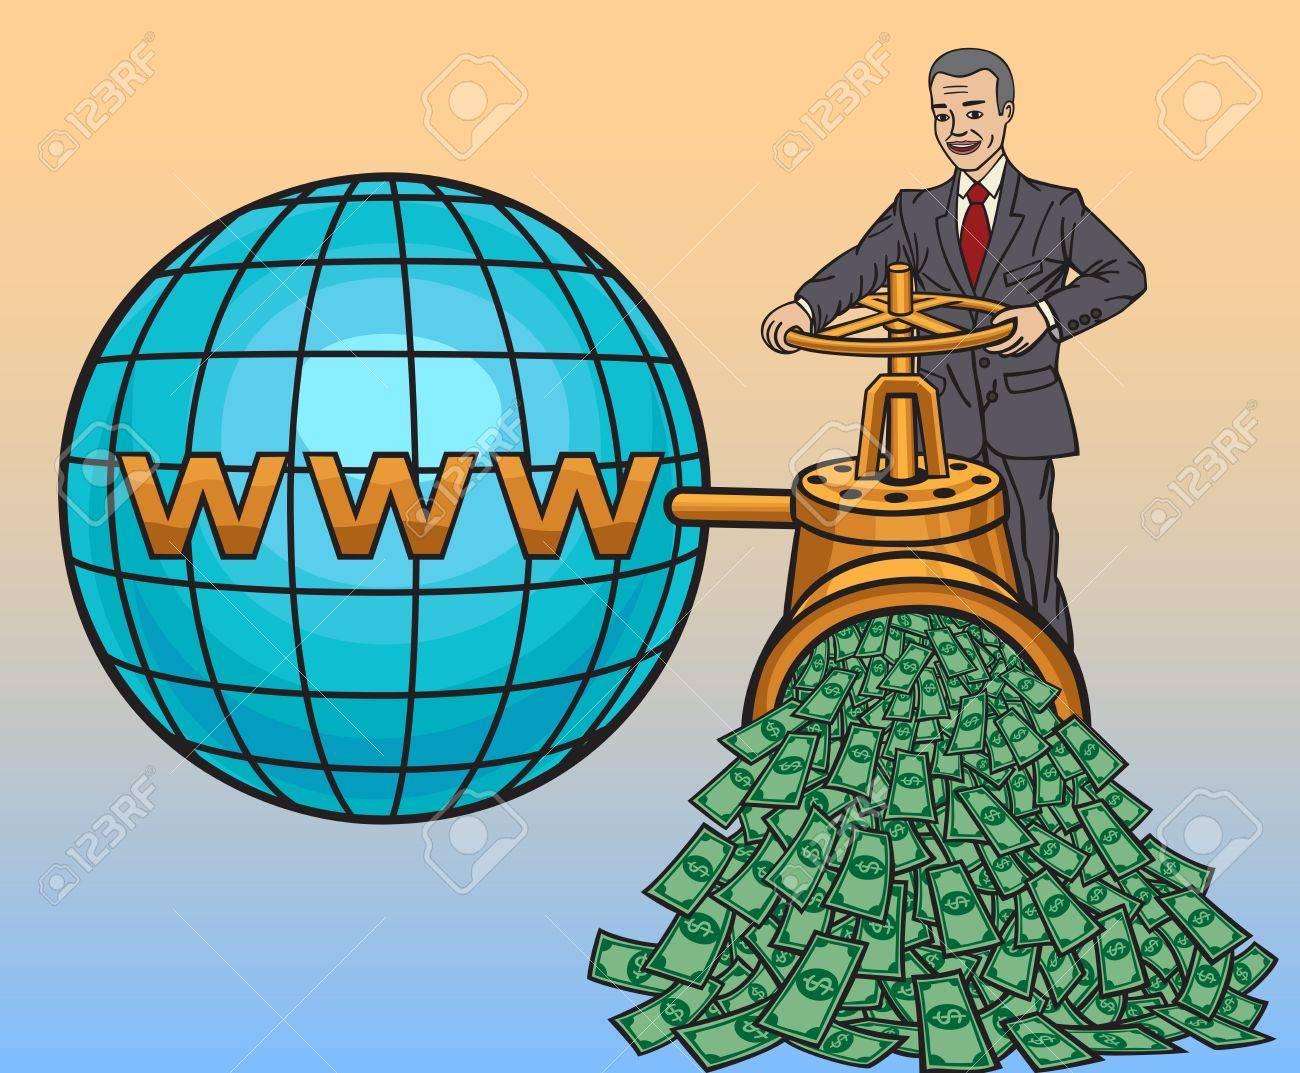 Online business Stock Vector - 20990490